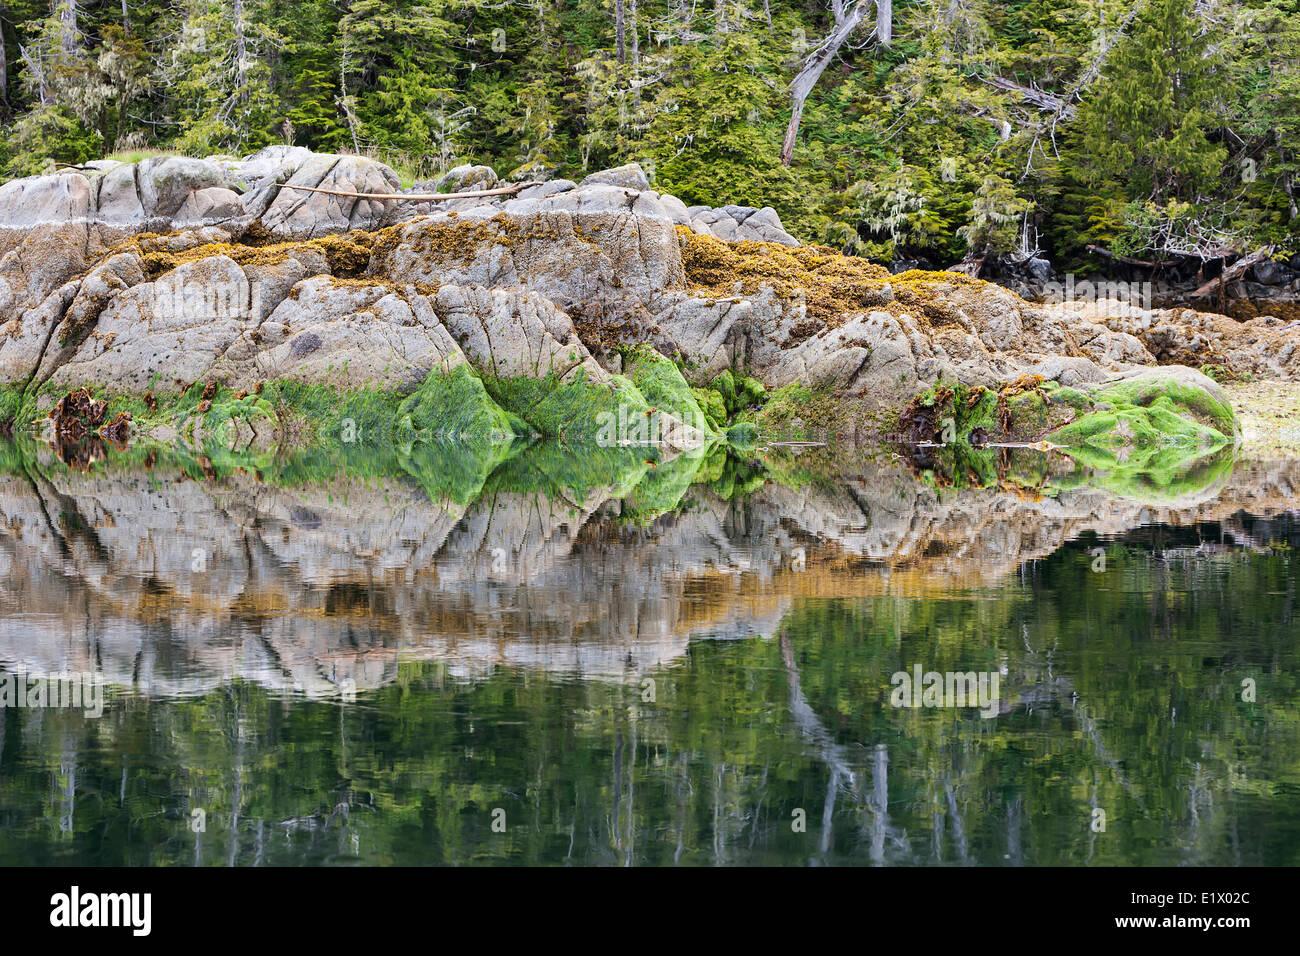 Riflessioni in acque calme danno luogo alla natura del design. Dodwell isola il grande orso Rainforest British Columbia Immagini Stock